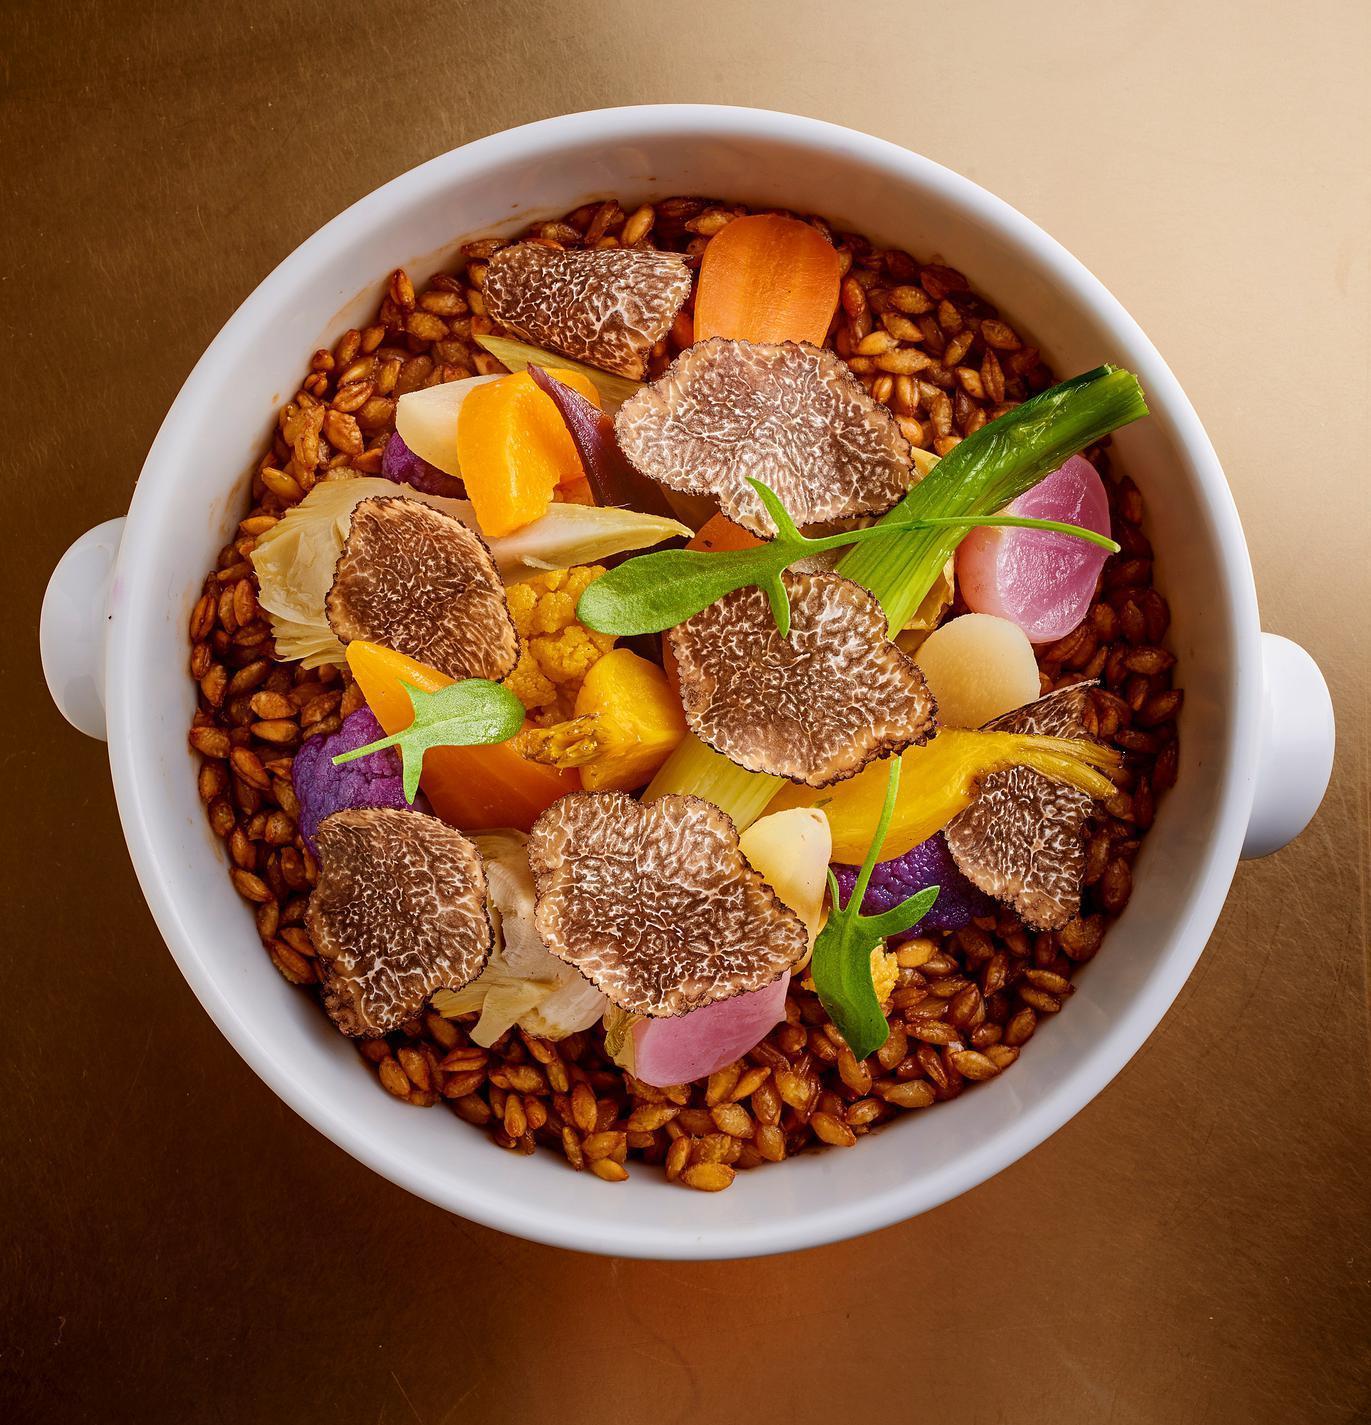 Les recettes signature des chefs toil s cuisine madame figaro - Recette de cuisine simple avec des legumes ...